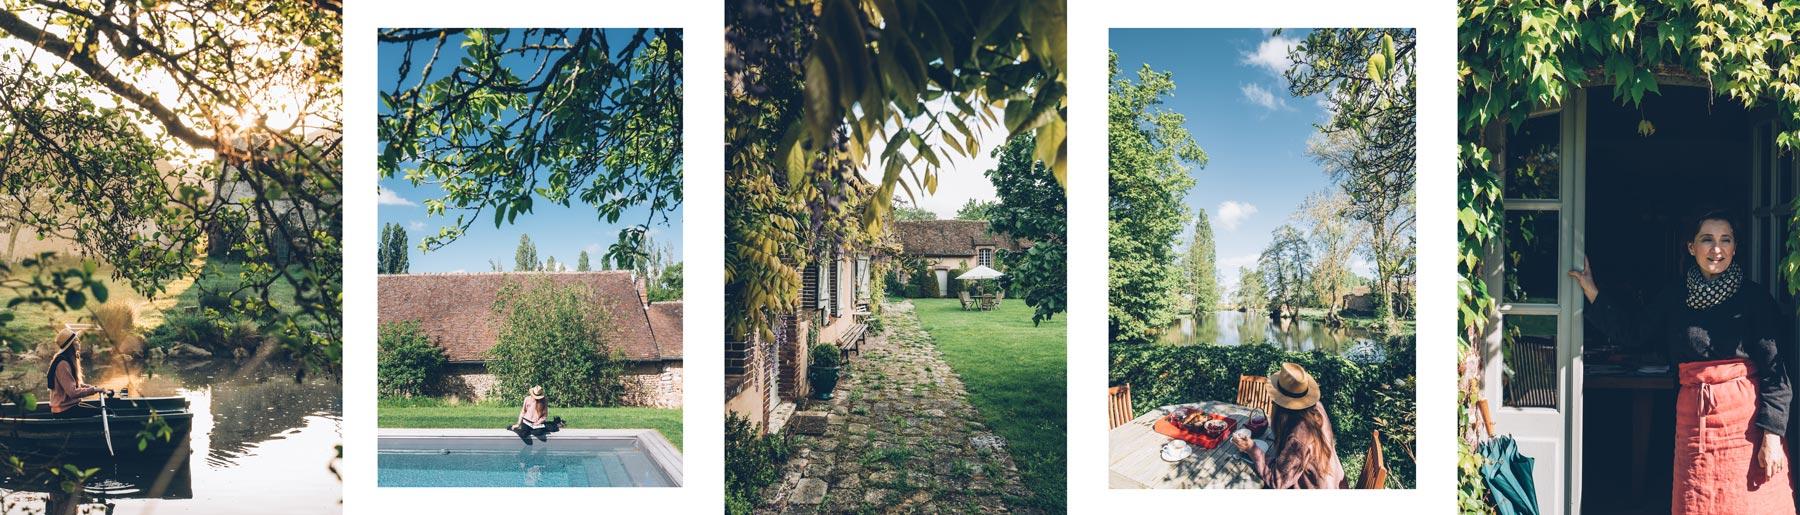 Le Chambre d'hôte avec Style, Moulin de la Ronce, Alluyes